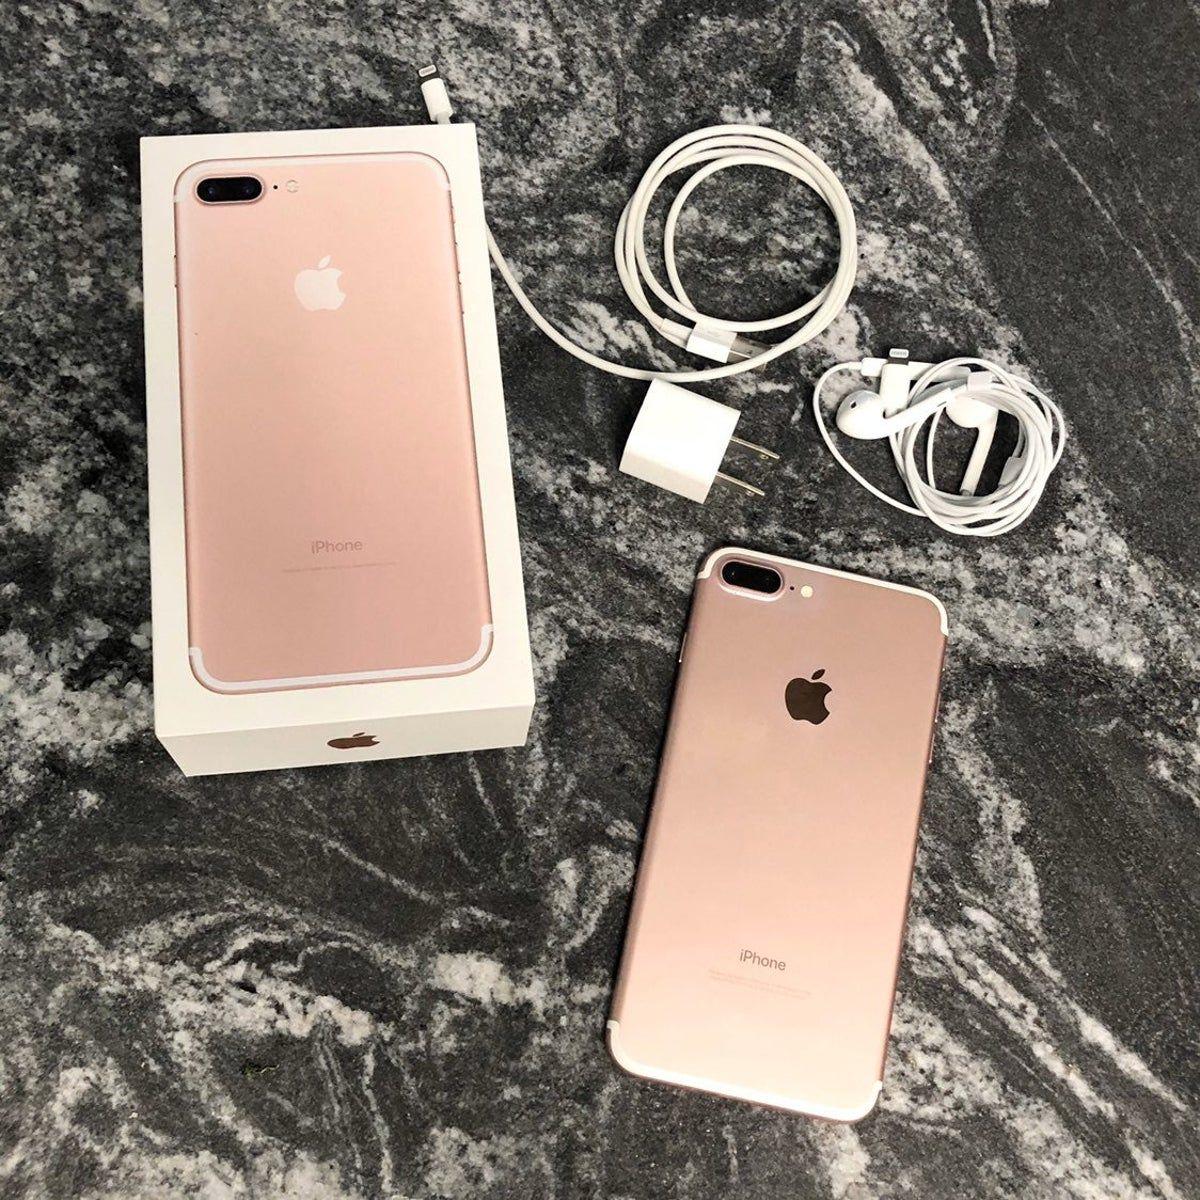 Iphone 7 Plus Rose Gold 32 Gb Unlocked Iphone 7 Plus Iphone Iphone 7